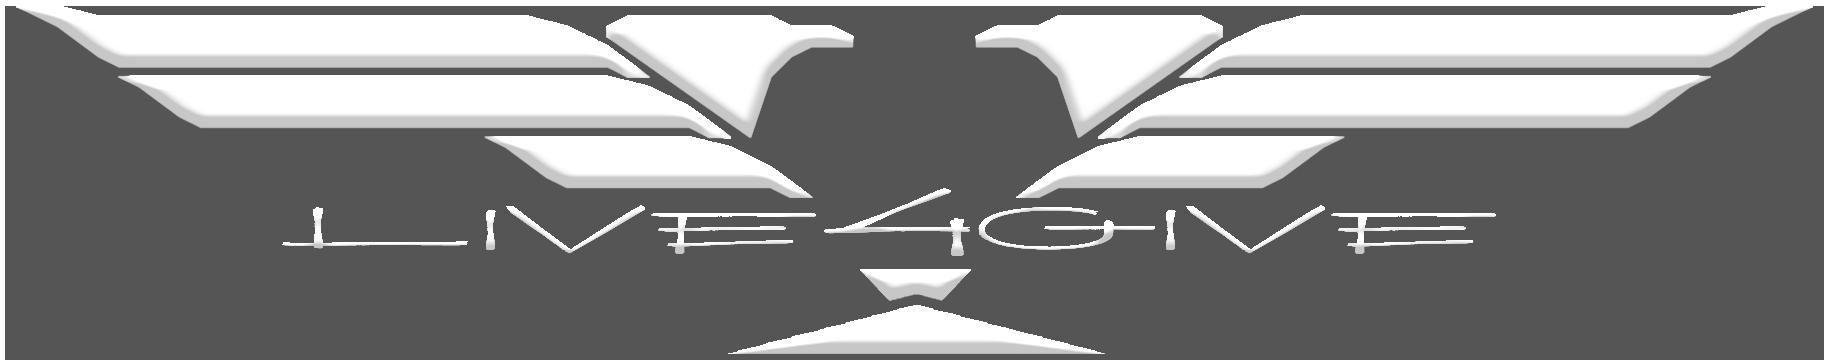 L4G_new_7_v2_white_1_1_emboss_200x28